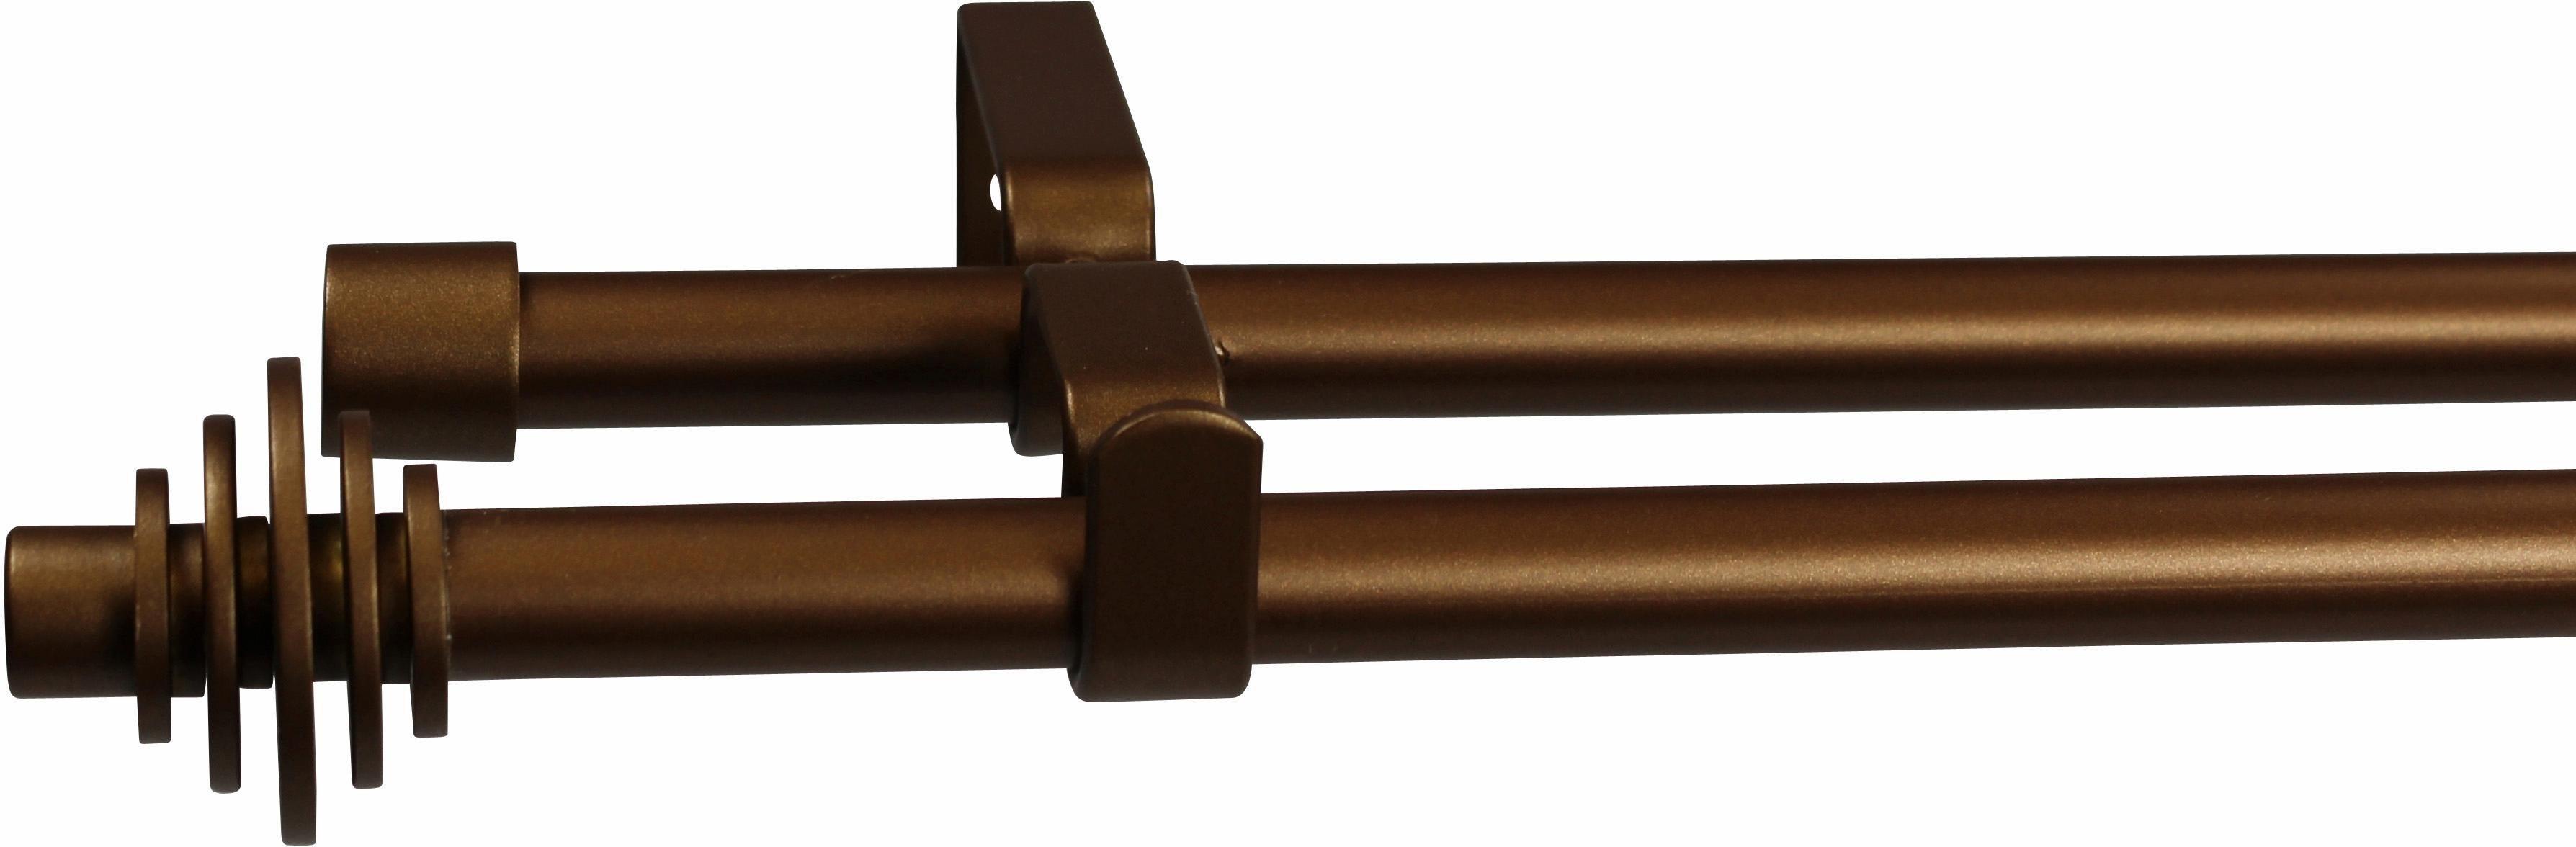 Gardinenstange 16 mm Disc, ohne Ringe, nach Maß   Heimtextilien > Gardinen und Vorhänge > Gardinenstangen   GARESA